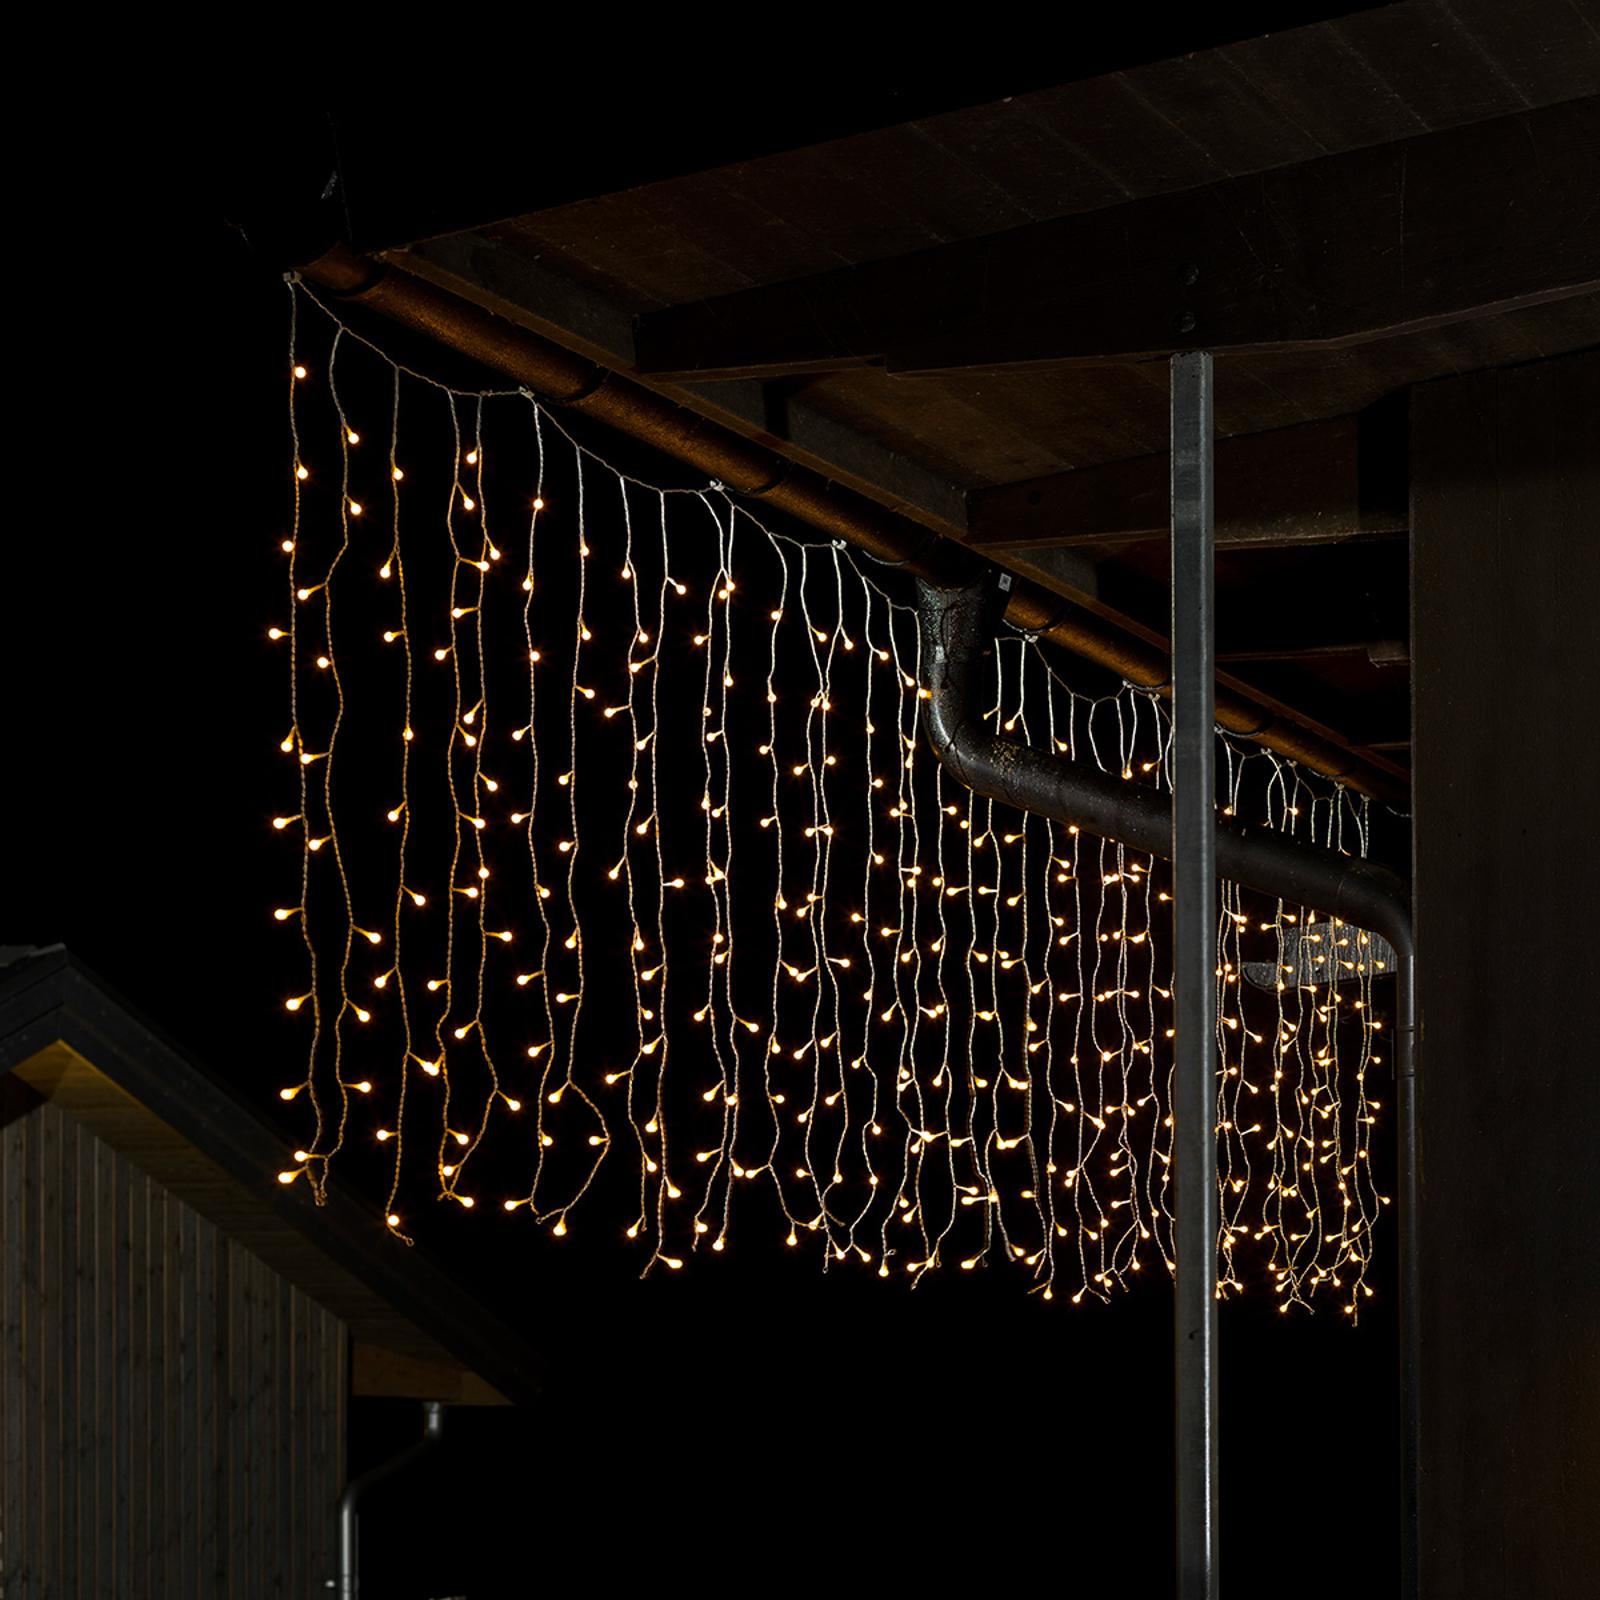 Mikroljusgardin för utomhus, 400 ljus